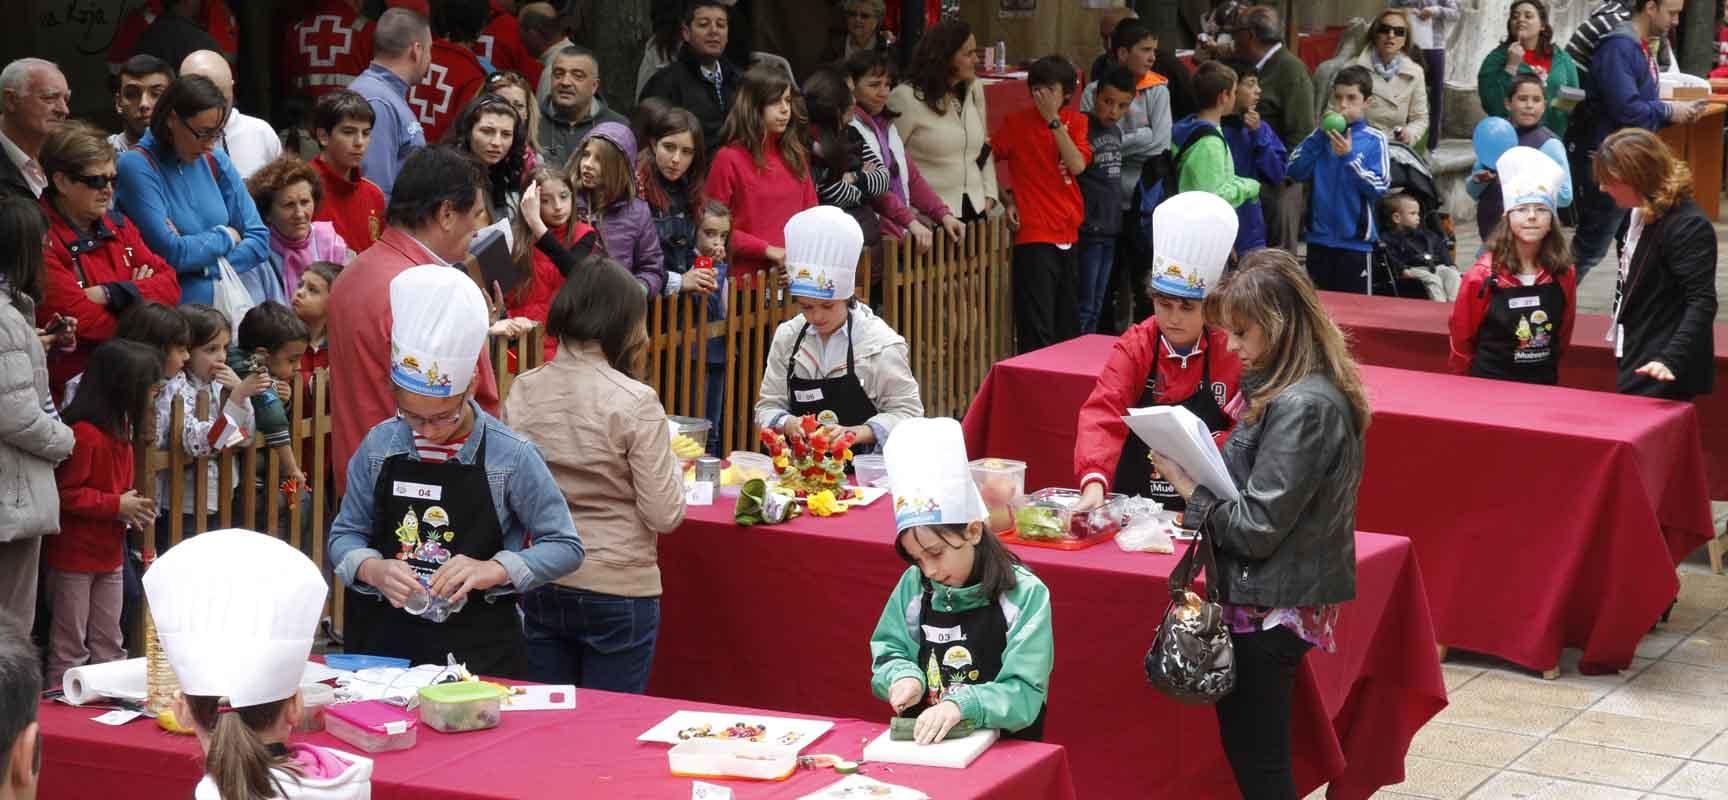 Quince chicos y chicas elaboraron sus ensaladas en la final de Cuéllar Chef Junior. |Foto: Gabriel Gómez|.